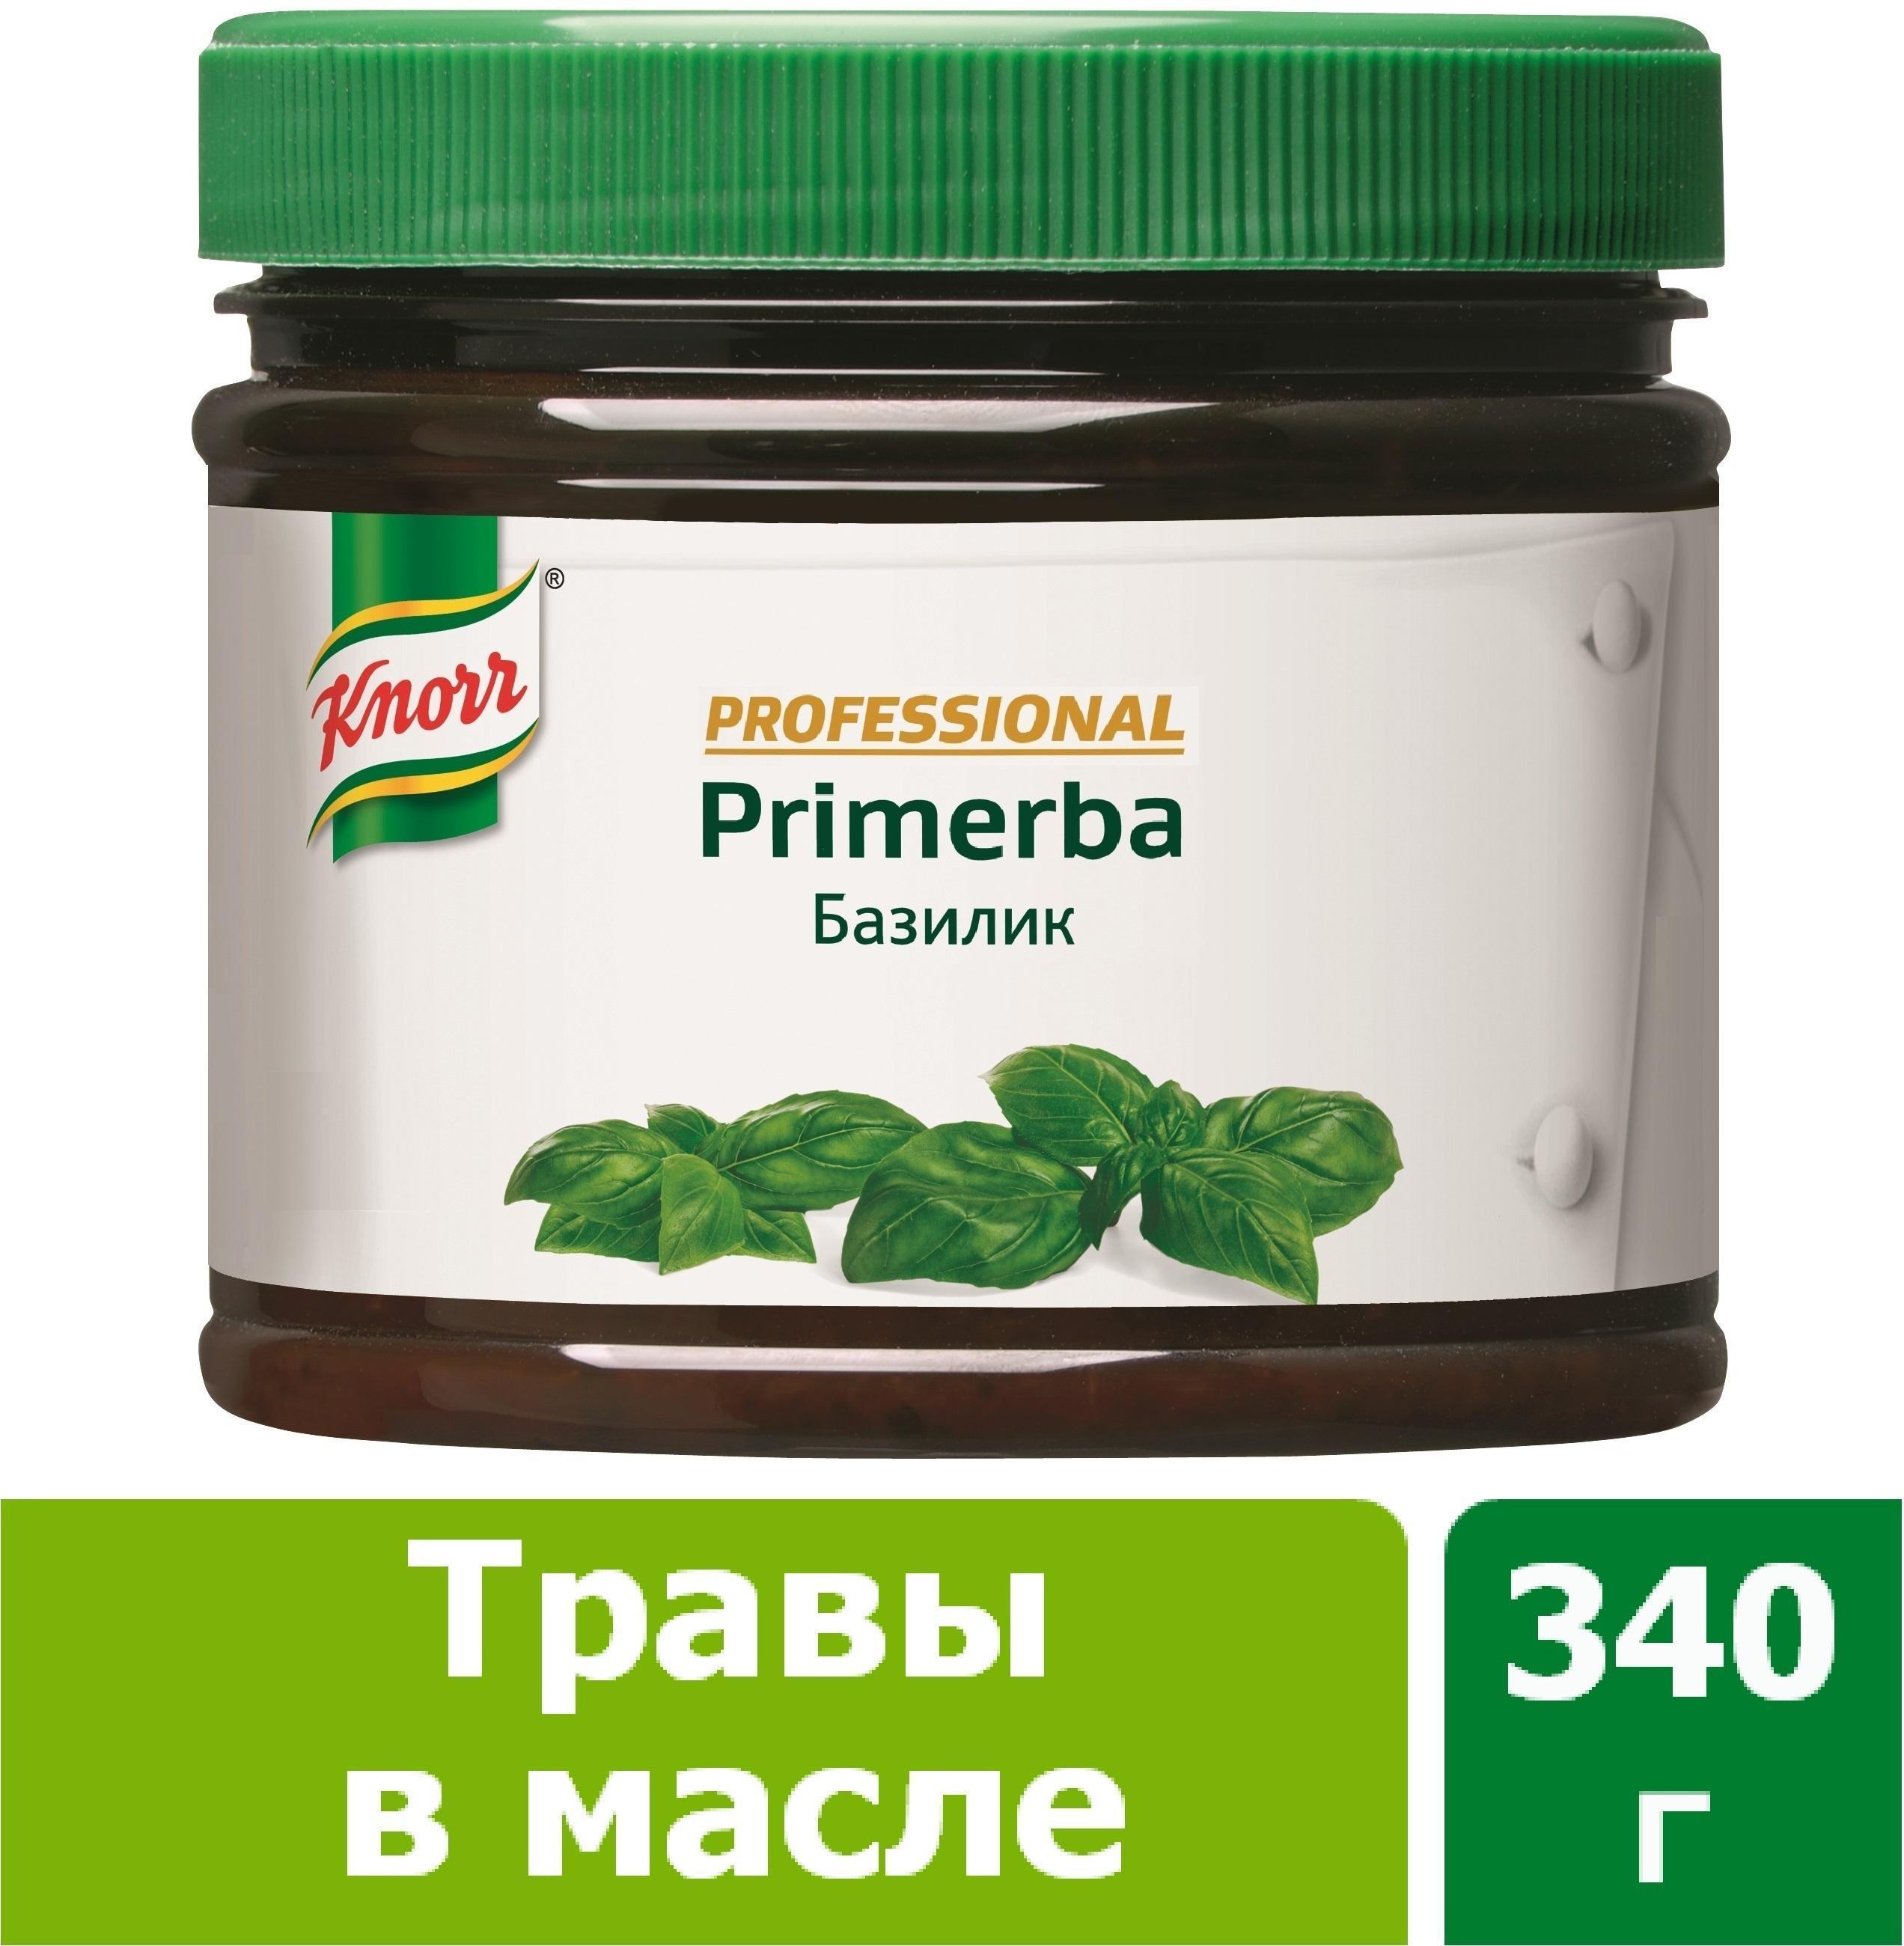 Приправа Knorr базилик в растительном масле